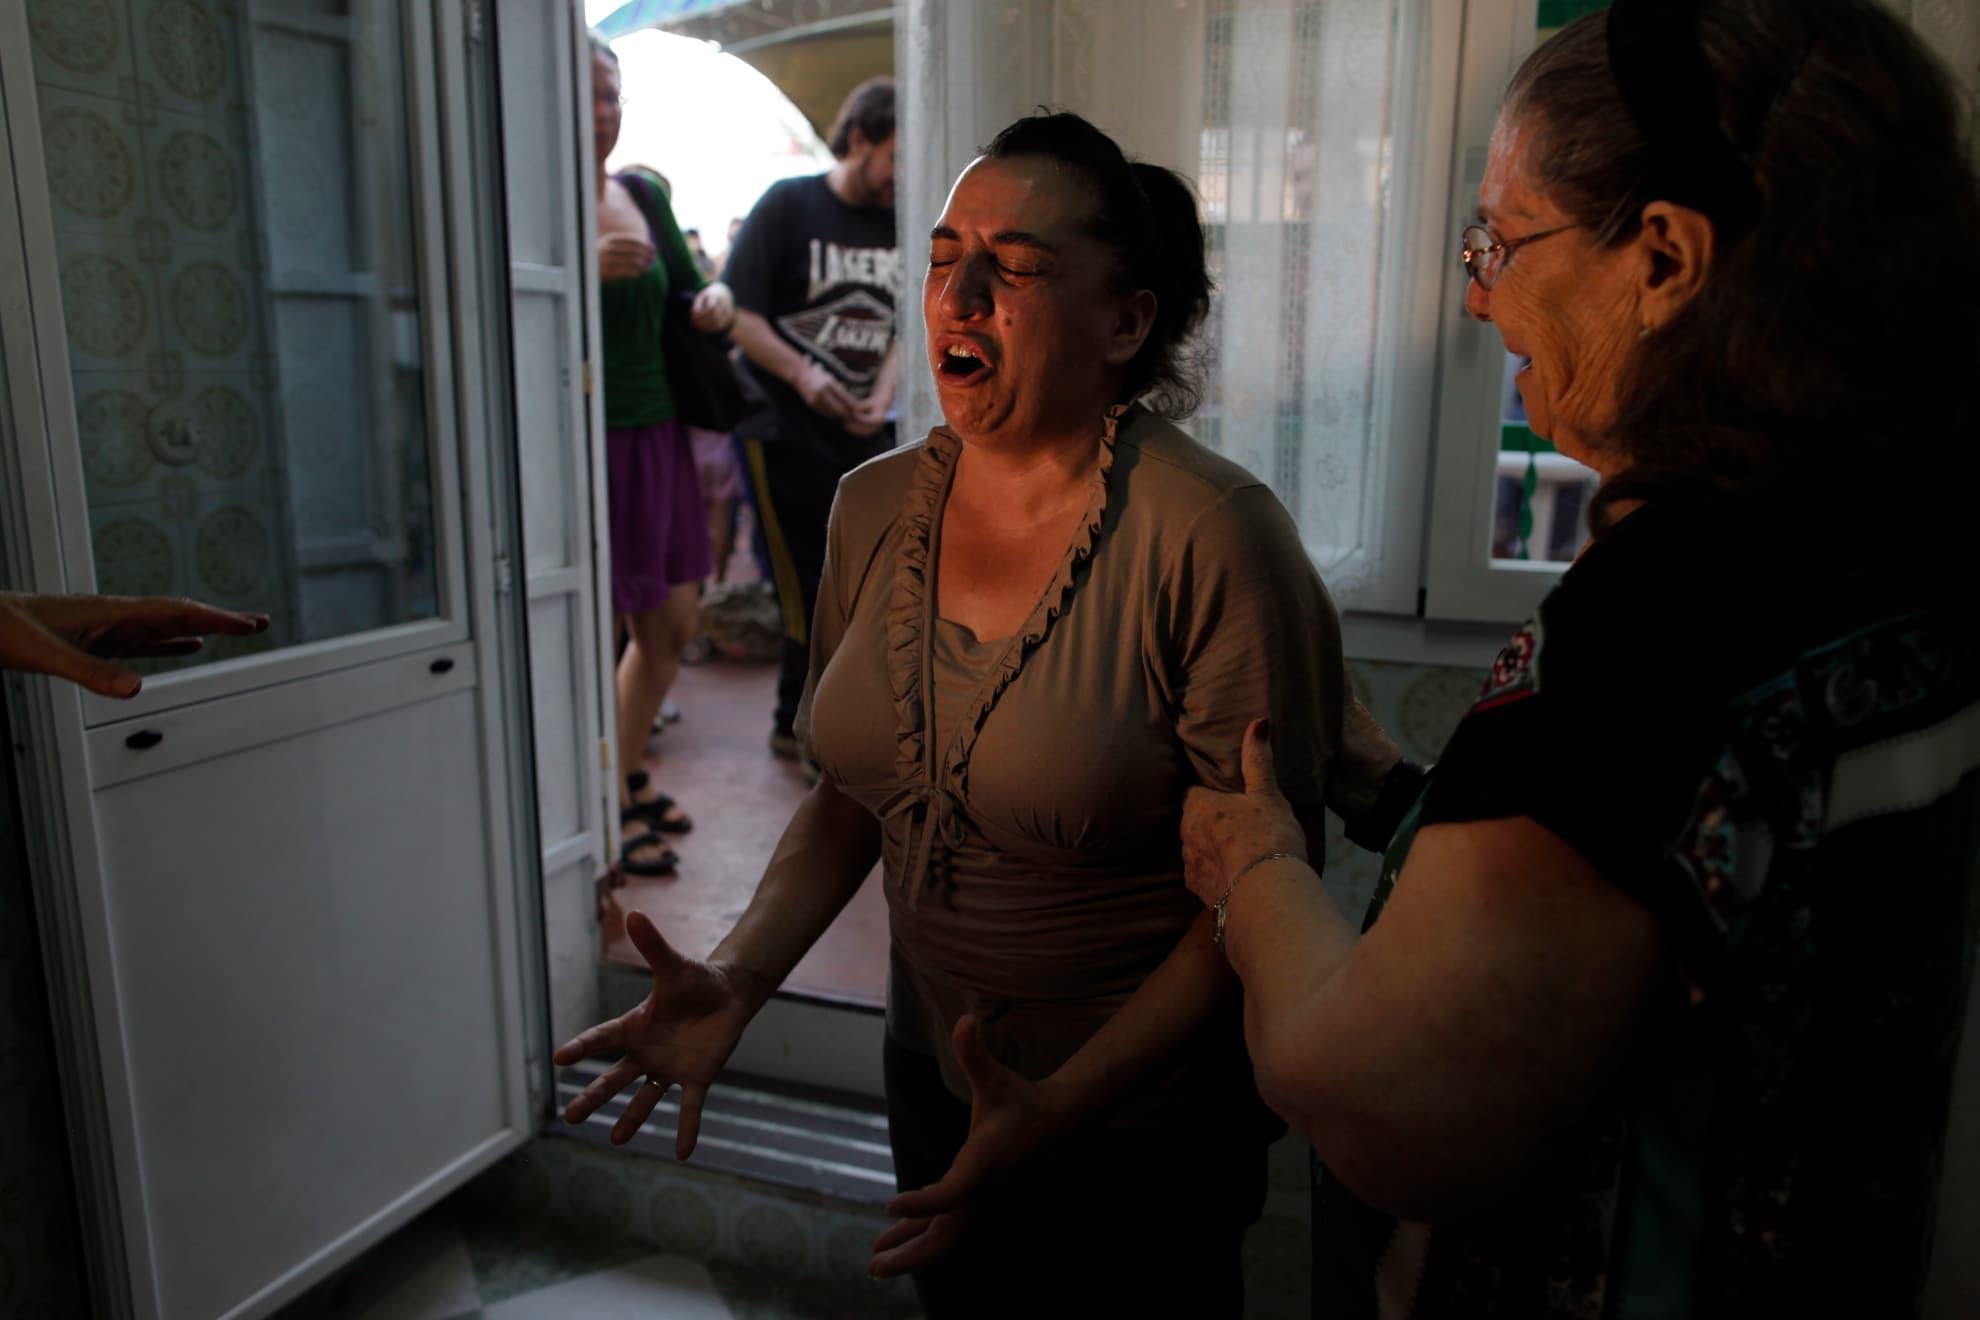 Luisa González llora ante el aplazamiento del desahucio de su familia y de la demolición de su casa, tras una expropiación forzosa que, según ella, es consecuencia de la especulación inmobiliaria para construir nuevos pisos, con la excusa de que la casa interfiere con el Plan de Ordenación Urbana de Madrid. Miércoles, 14 de agosto de 2013.